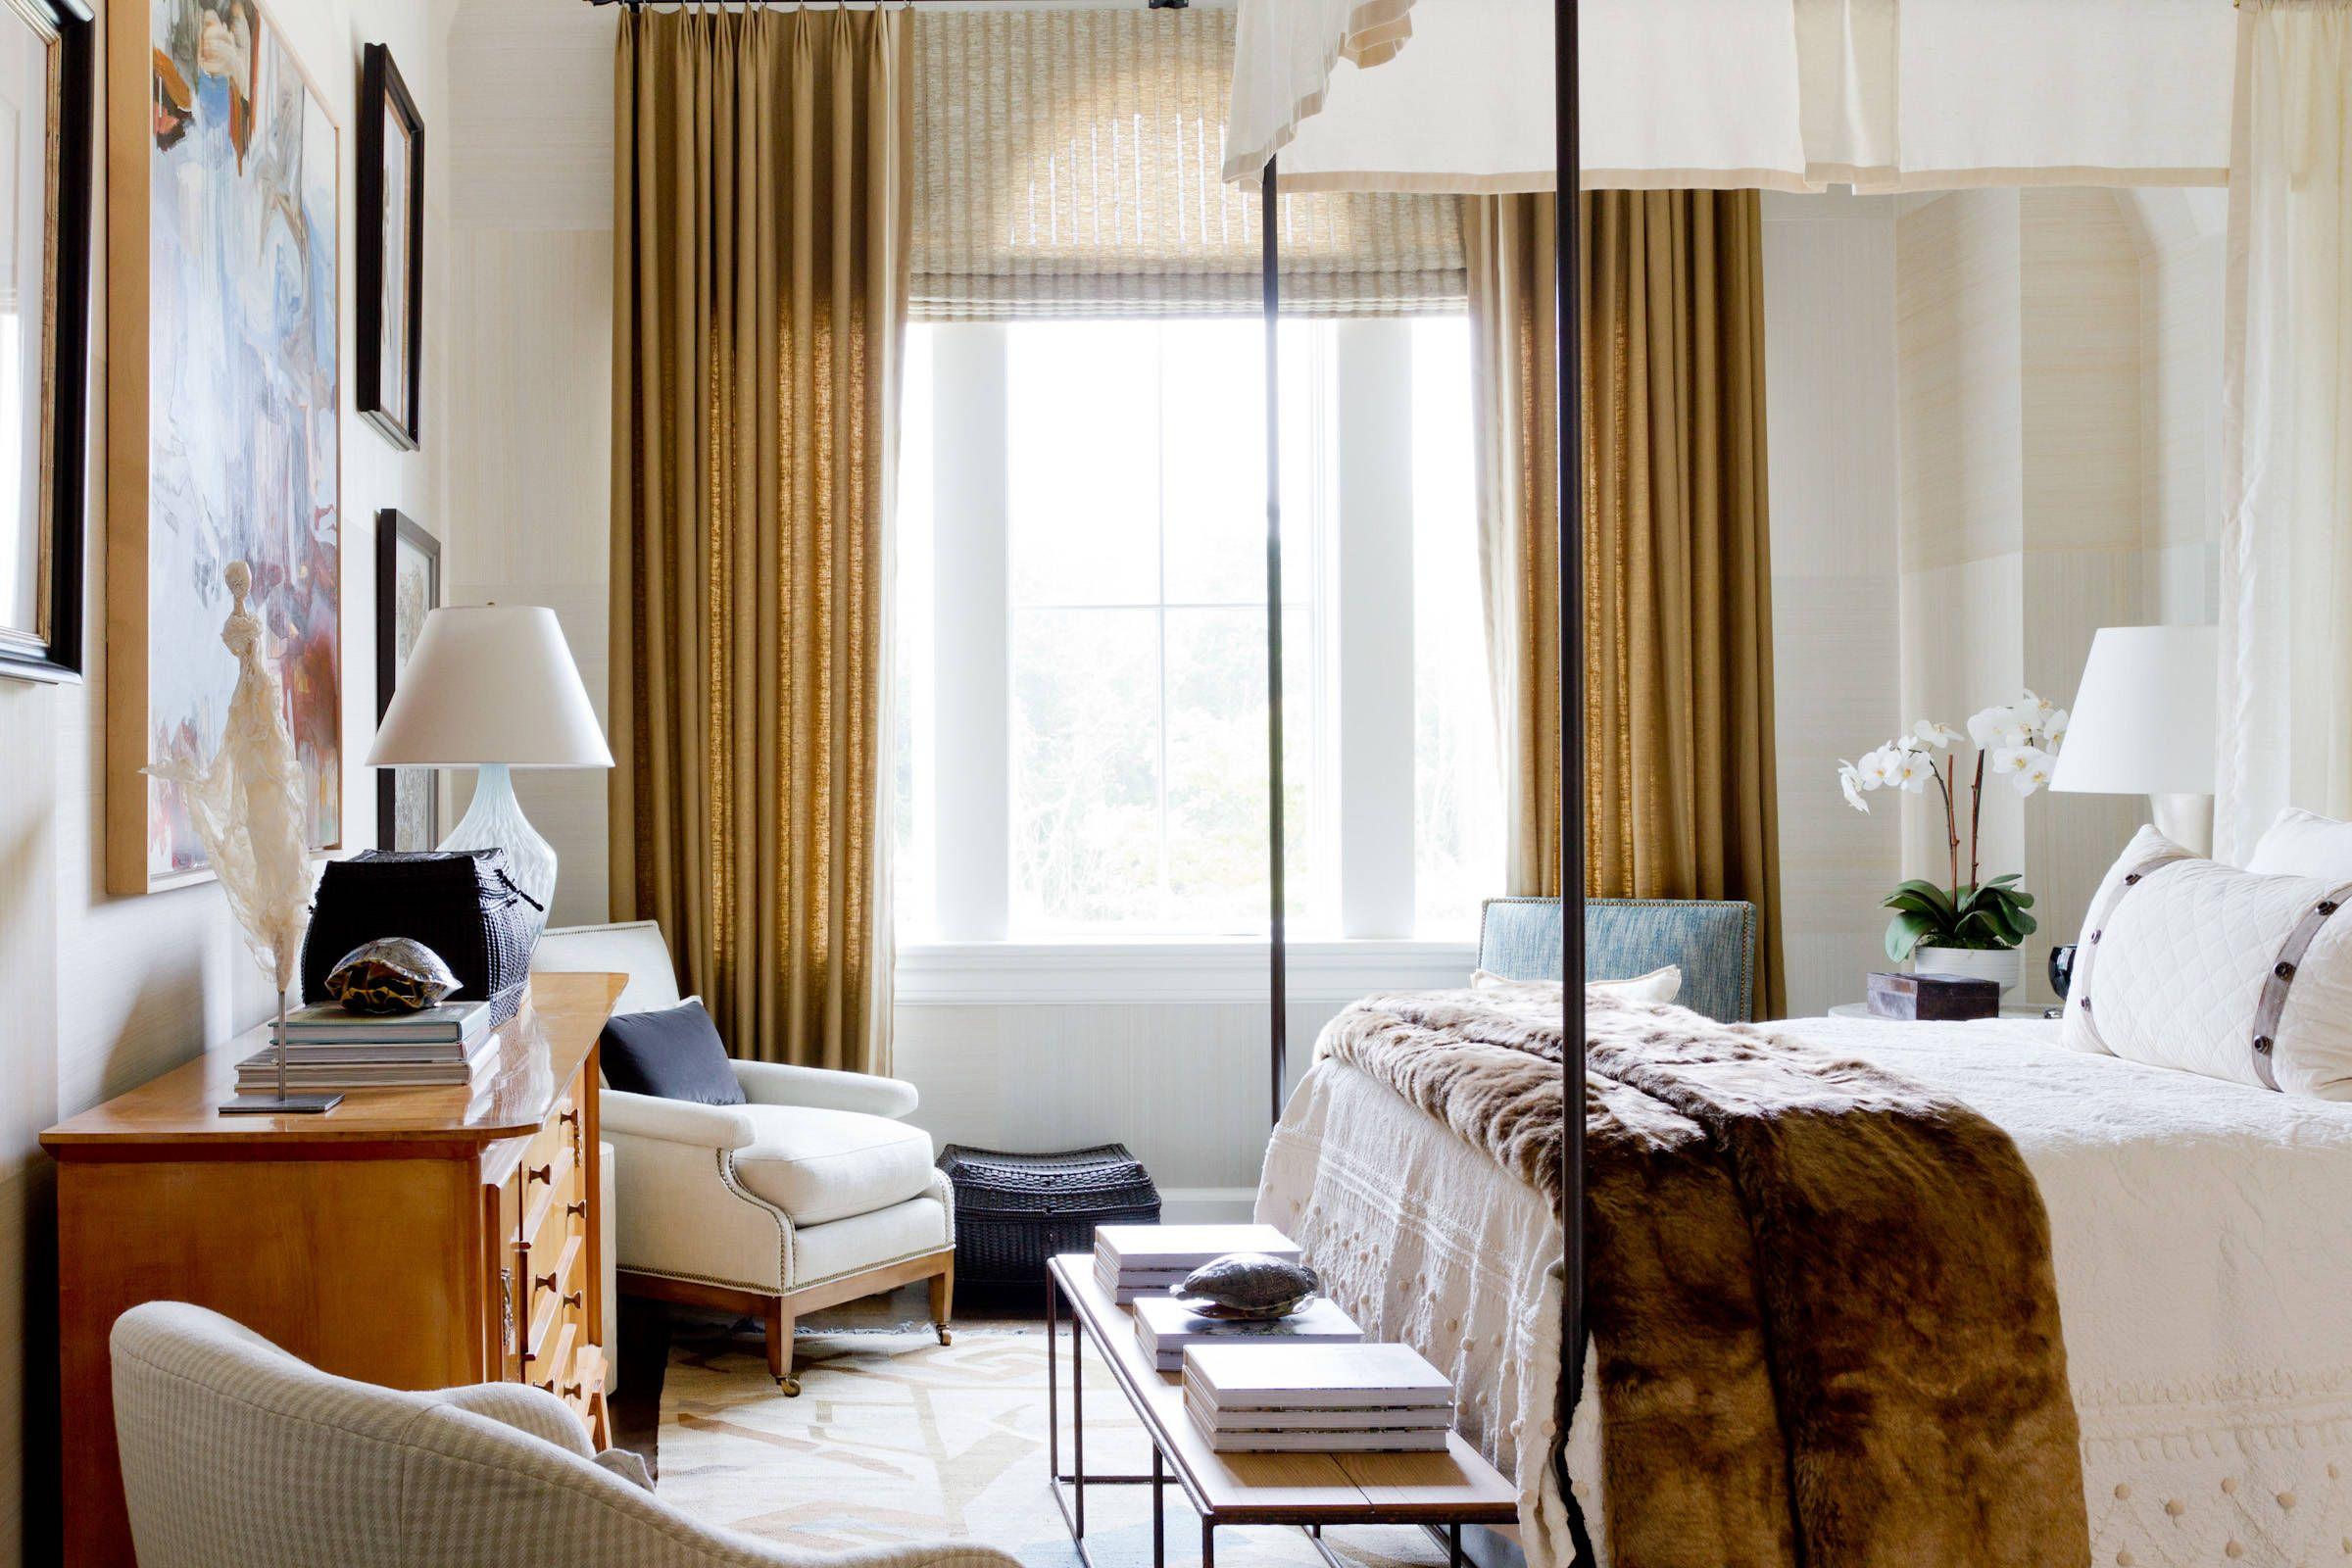 en-glimrende-eksempel-of-the-værelses-foto-03